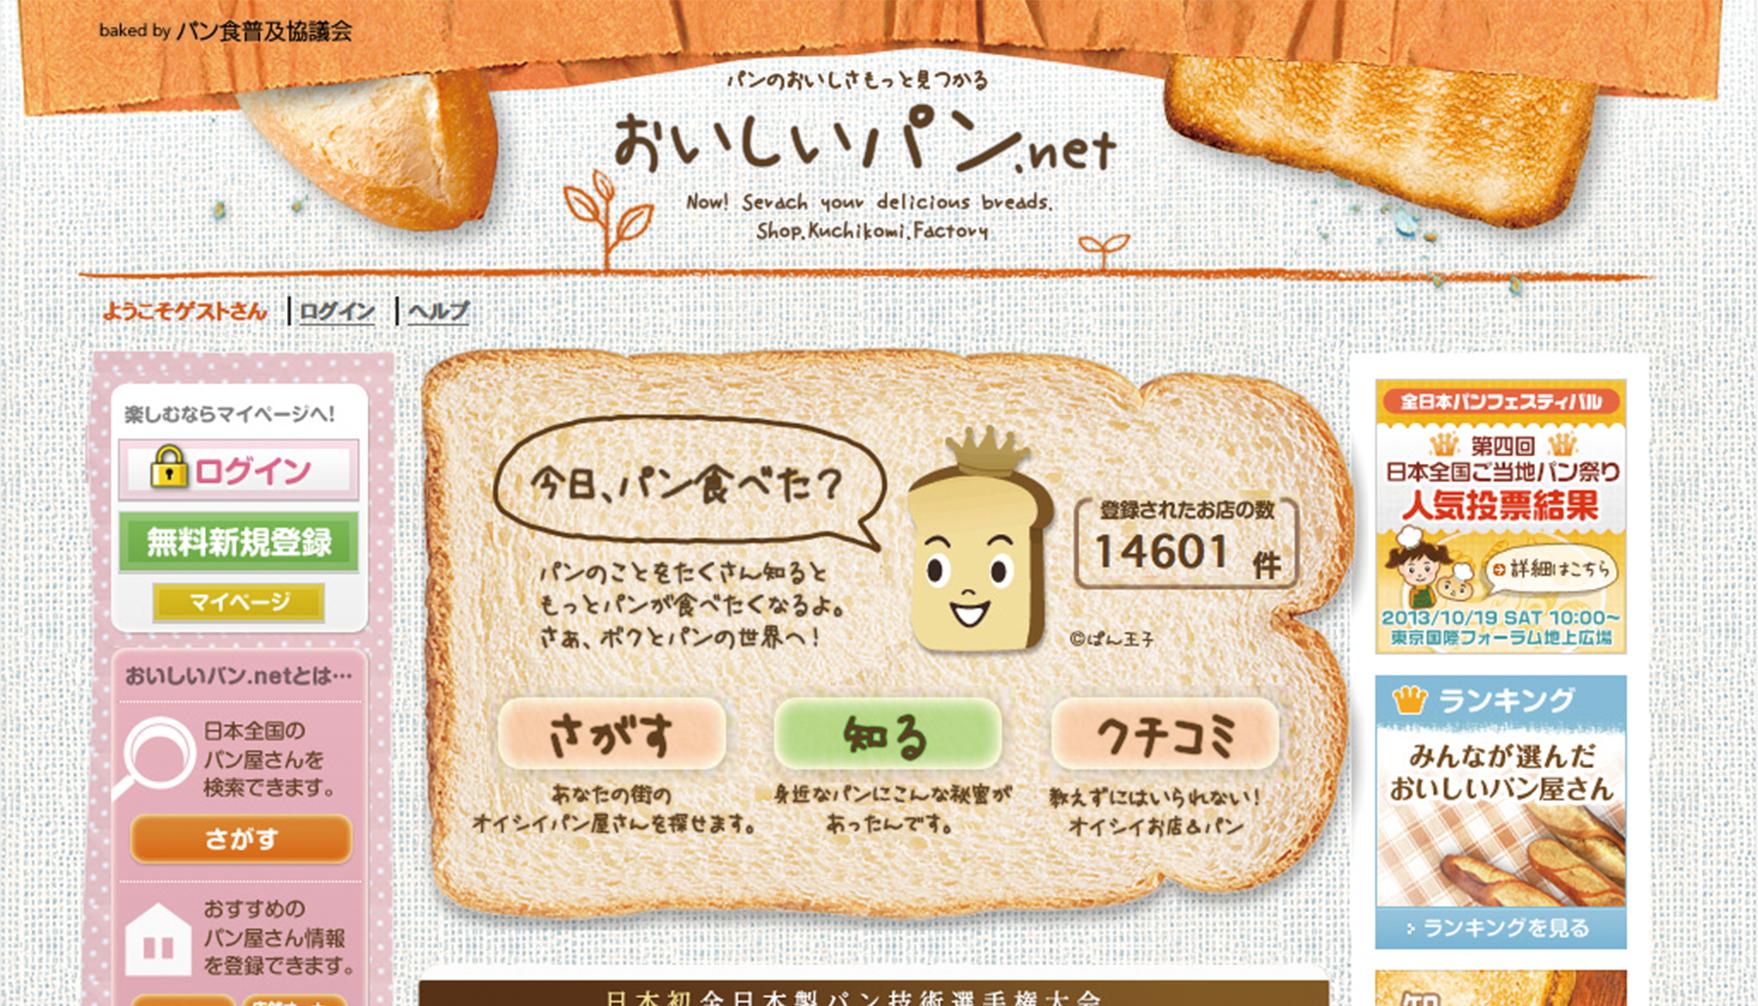 パン食普及協議会 コーポレートサイト プレビュー